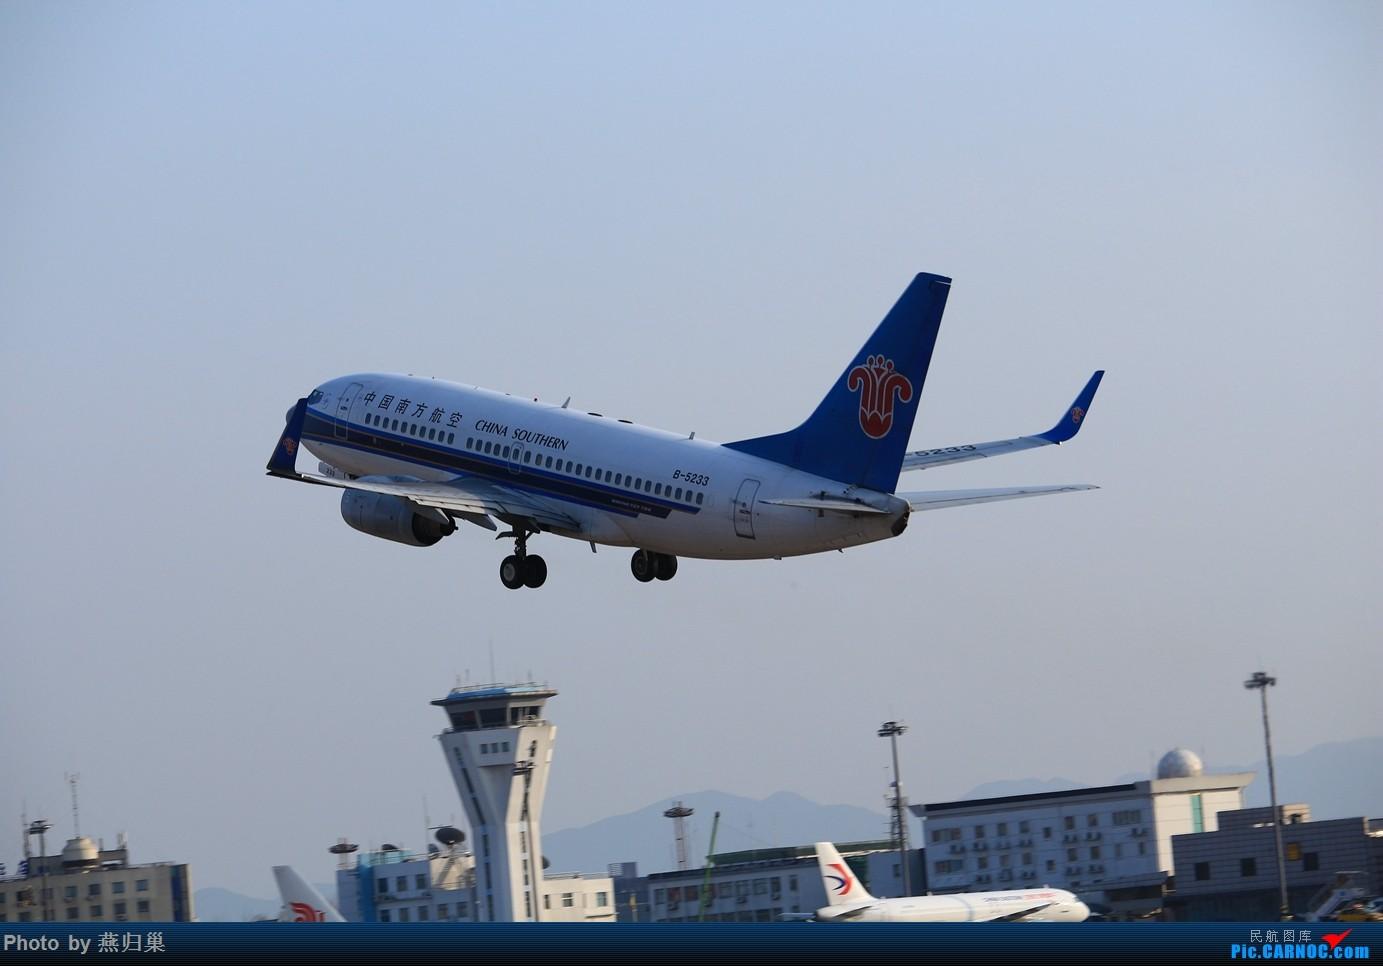 Re:[原创]【宁波飞友会】年前NGB拍机合集 BOEING 737-700 B-5233 中国宁波栎社国际机场